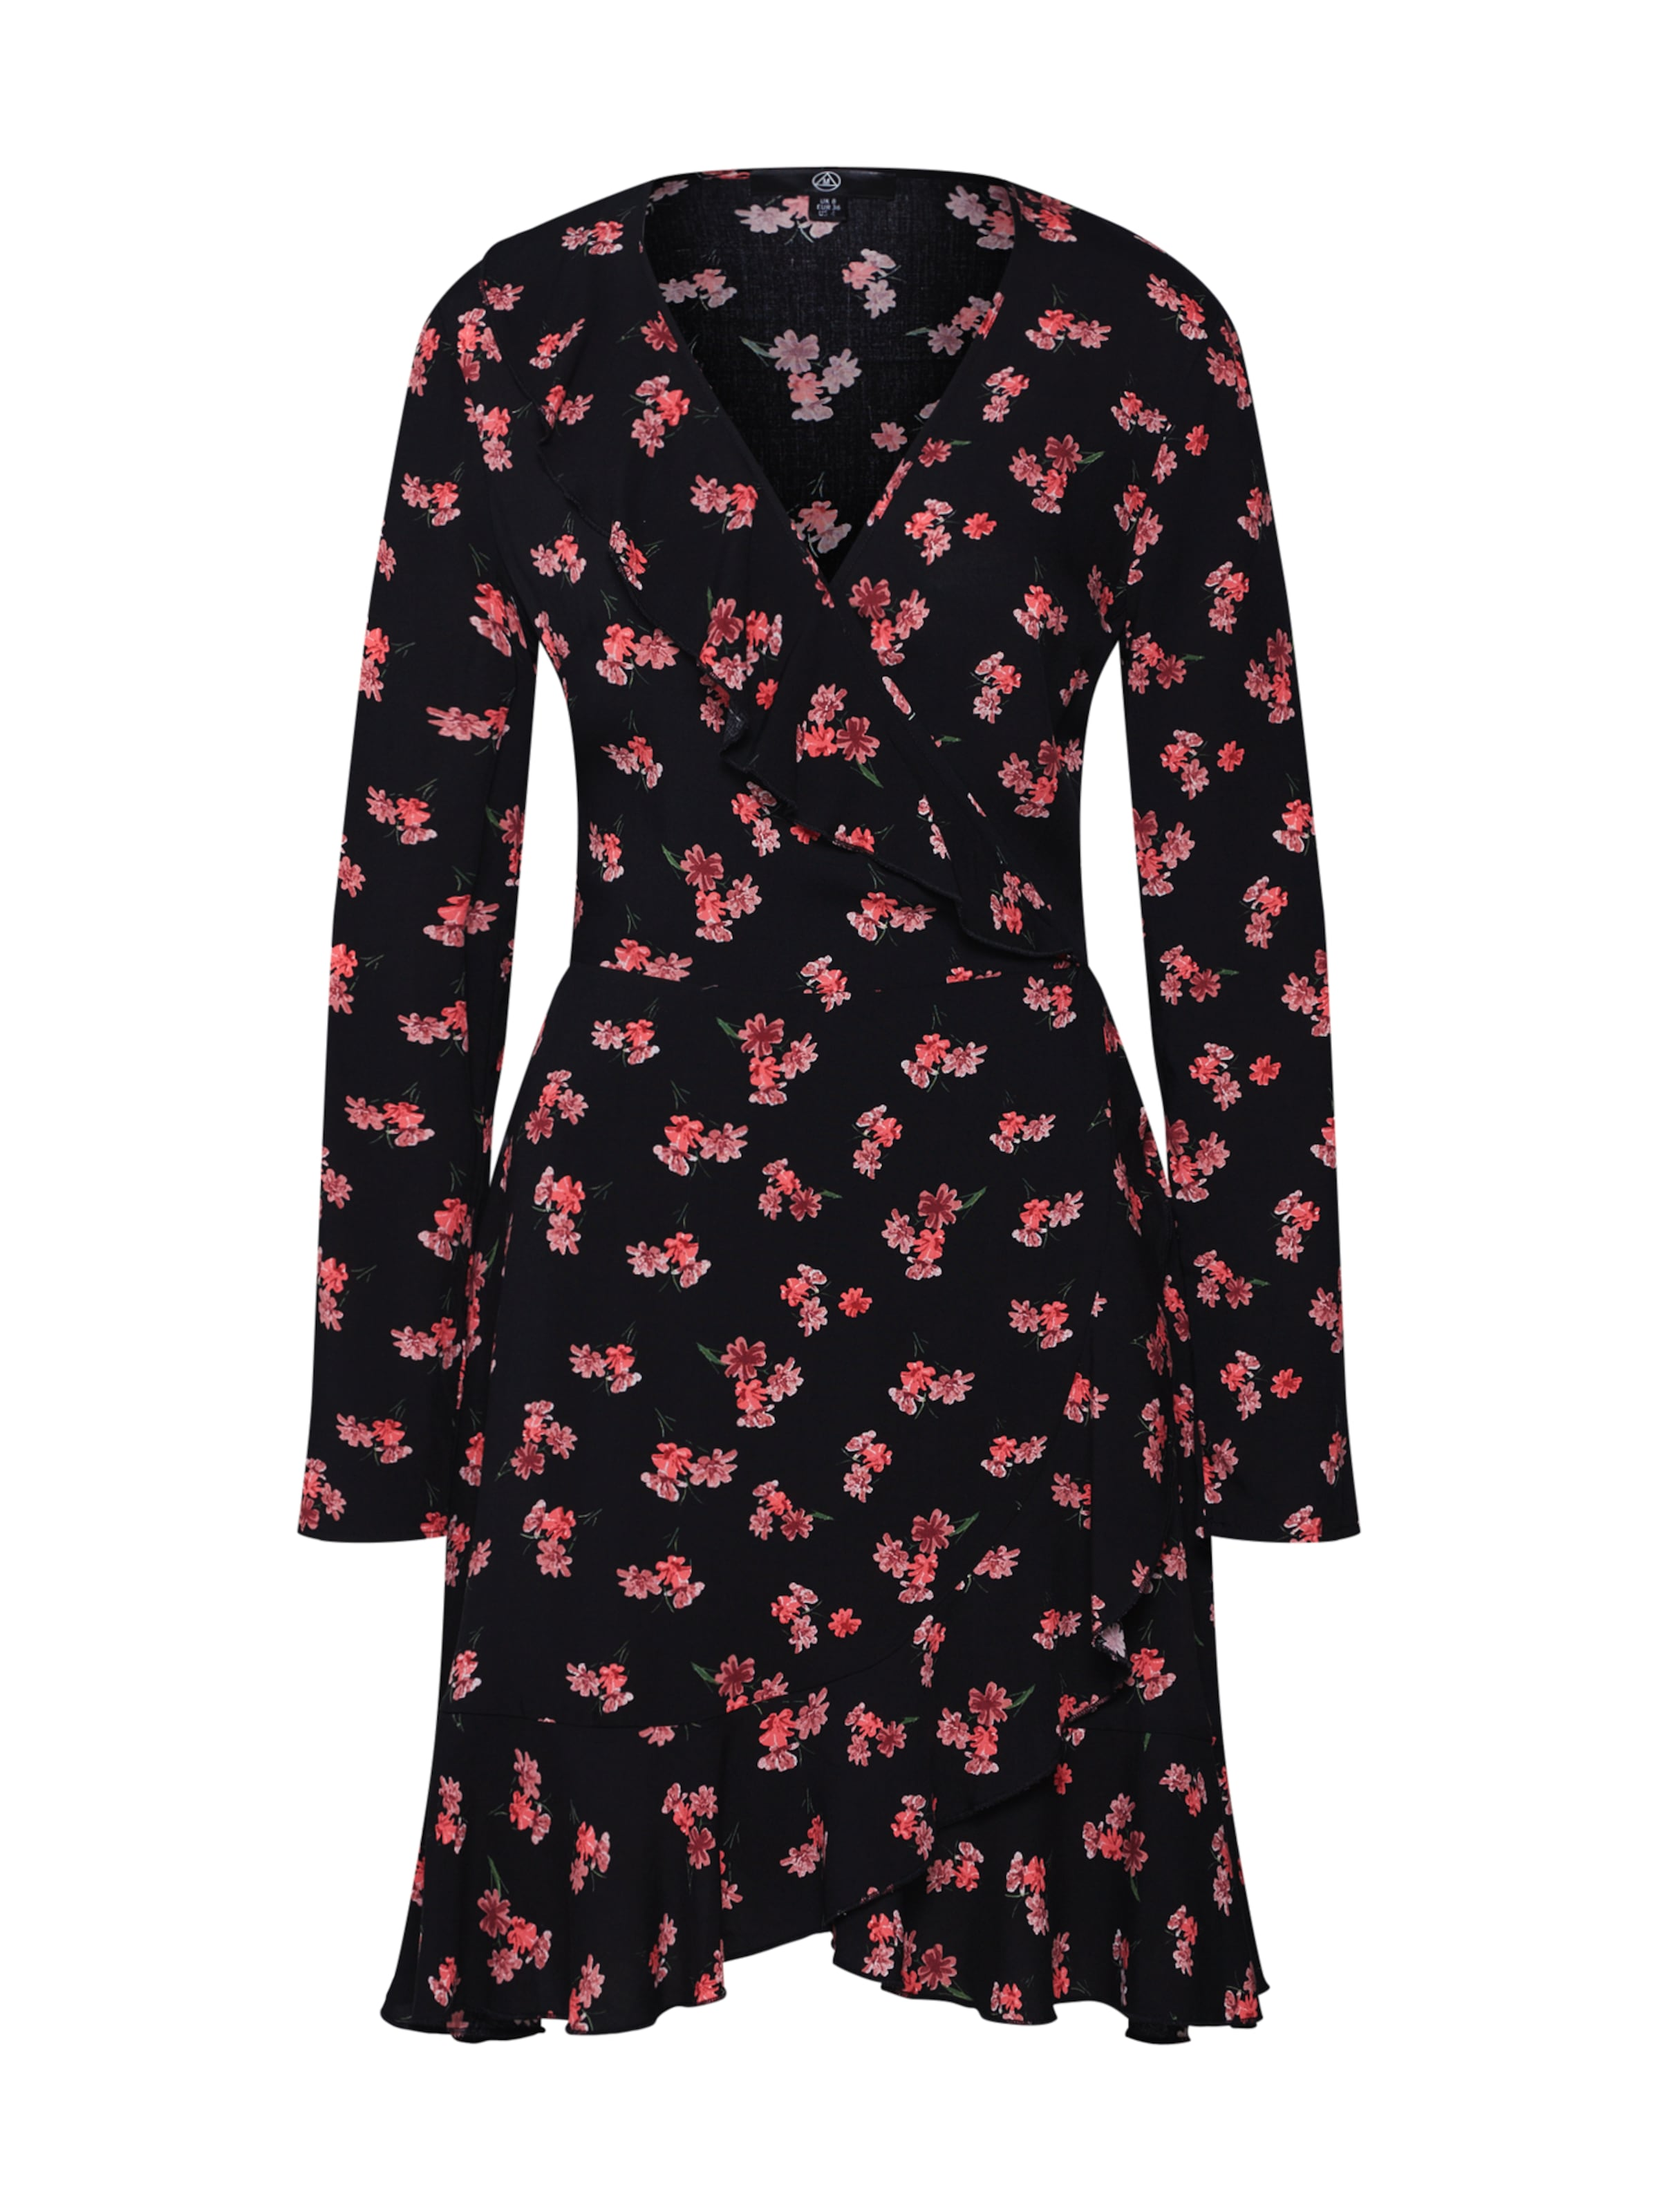 RoseNoir Robe En Missguided En Robe Missguided Blanc Robe RoseNoir Missguided En Blanc S54Ajc3RLq